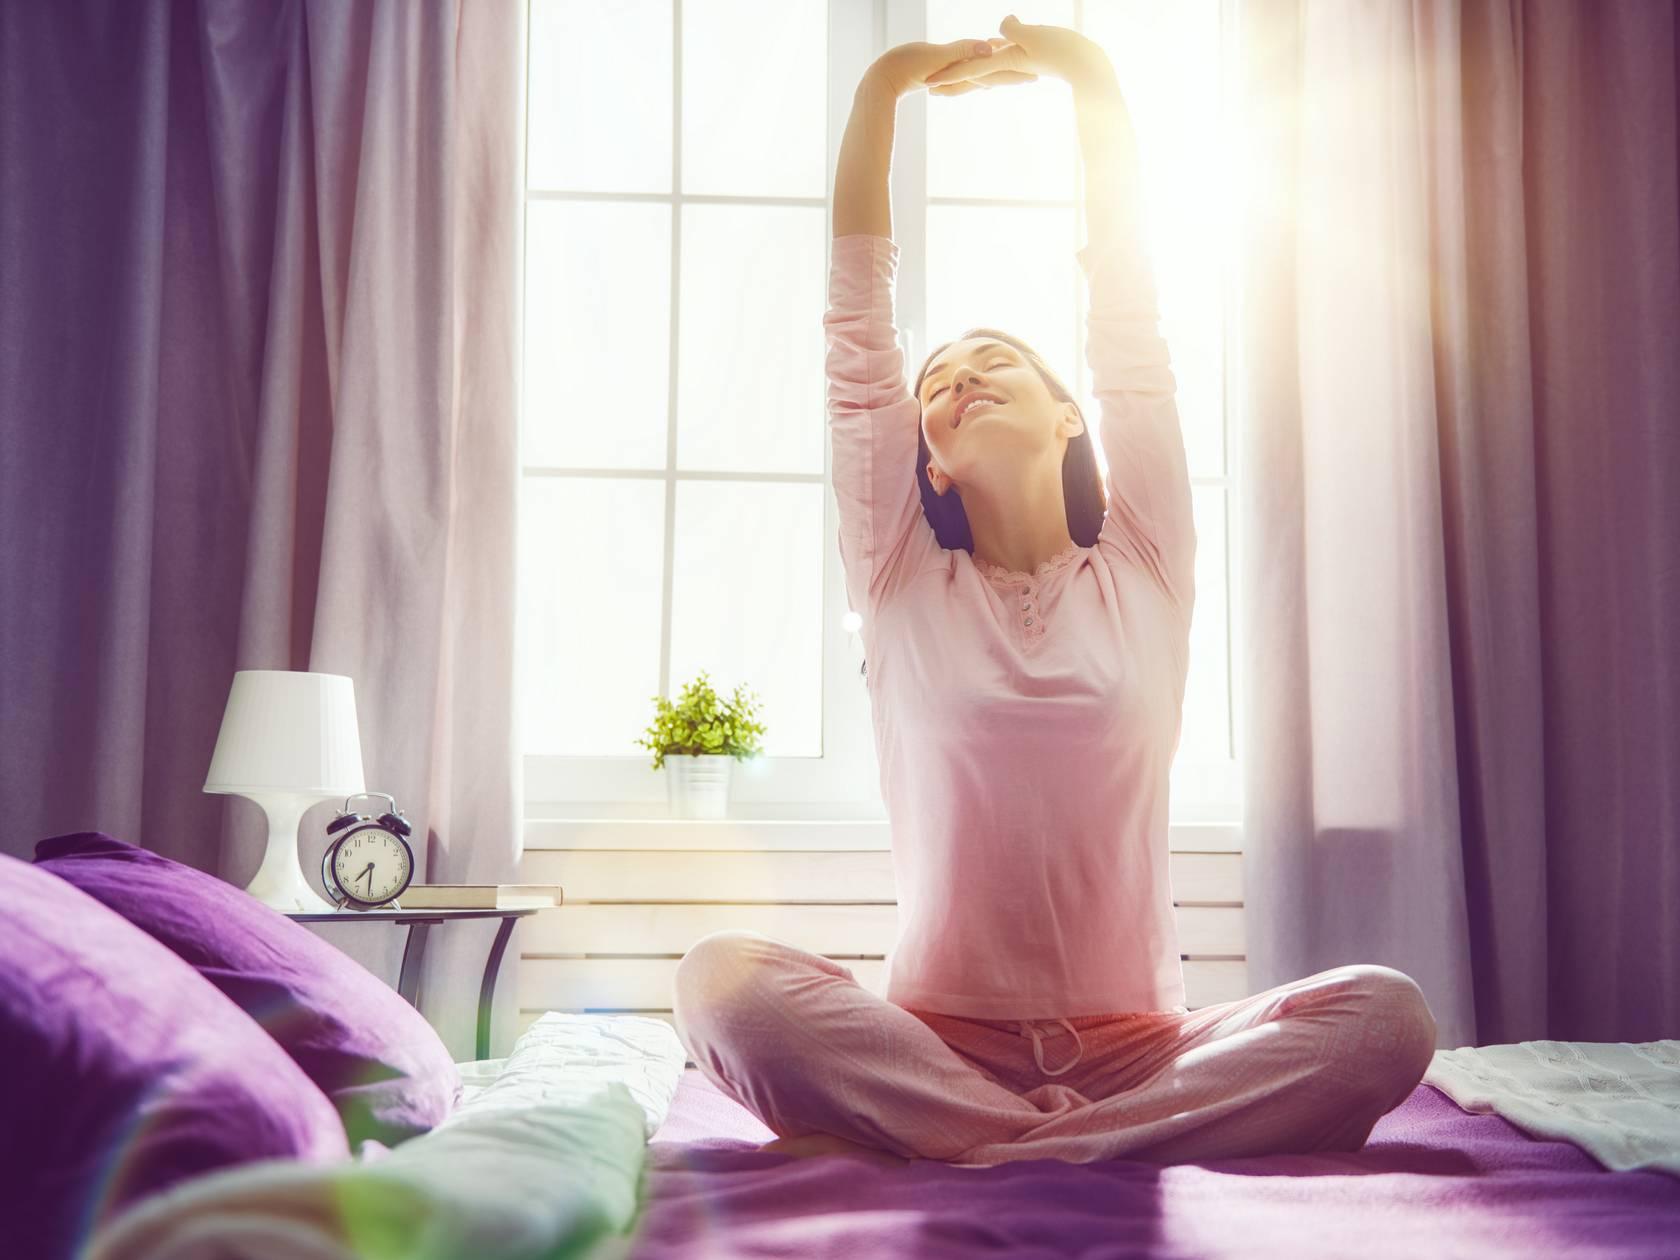 Мир позитива и хорошего настроения: утренняя мантра для бодрости и медитации